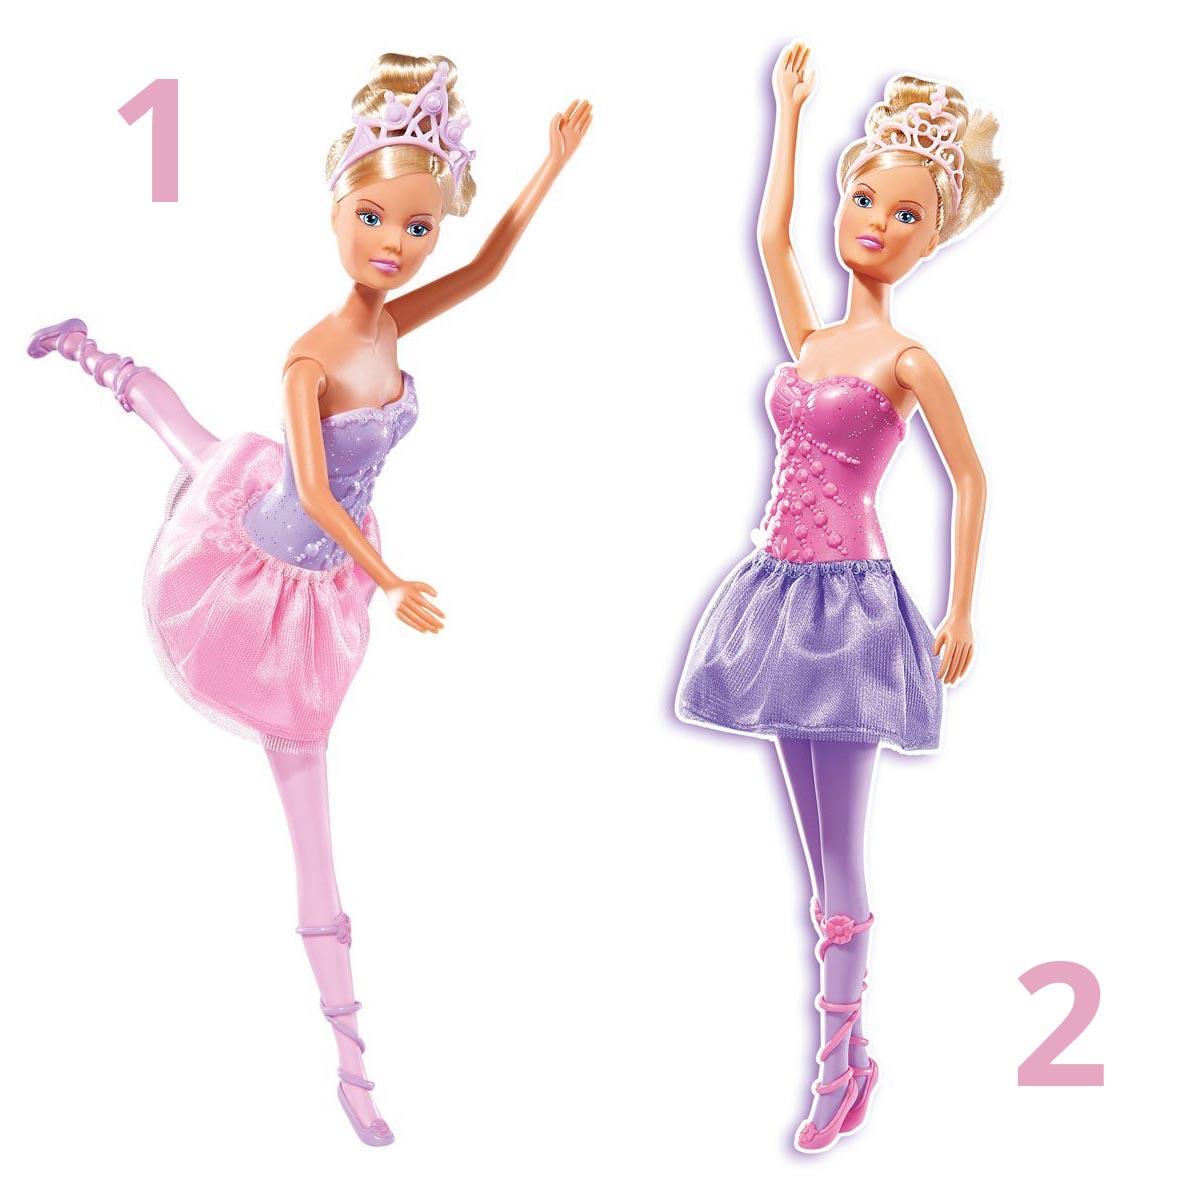 Кукла Штеффи балерина, 29 смКуклы Steffi (Штеффи)<br>Кукла Штеффи балерина, 29 см<br>